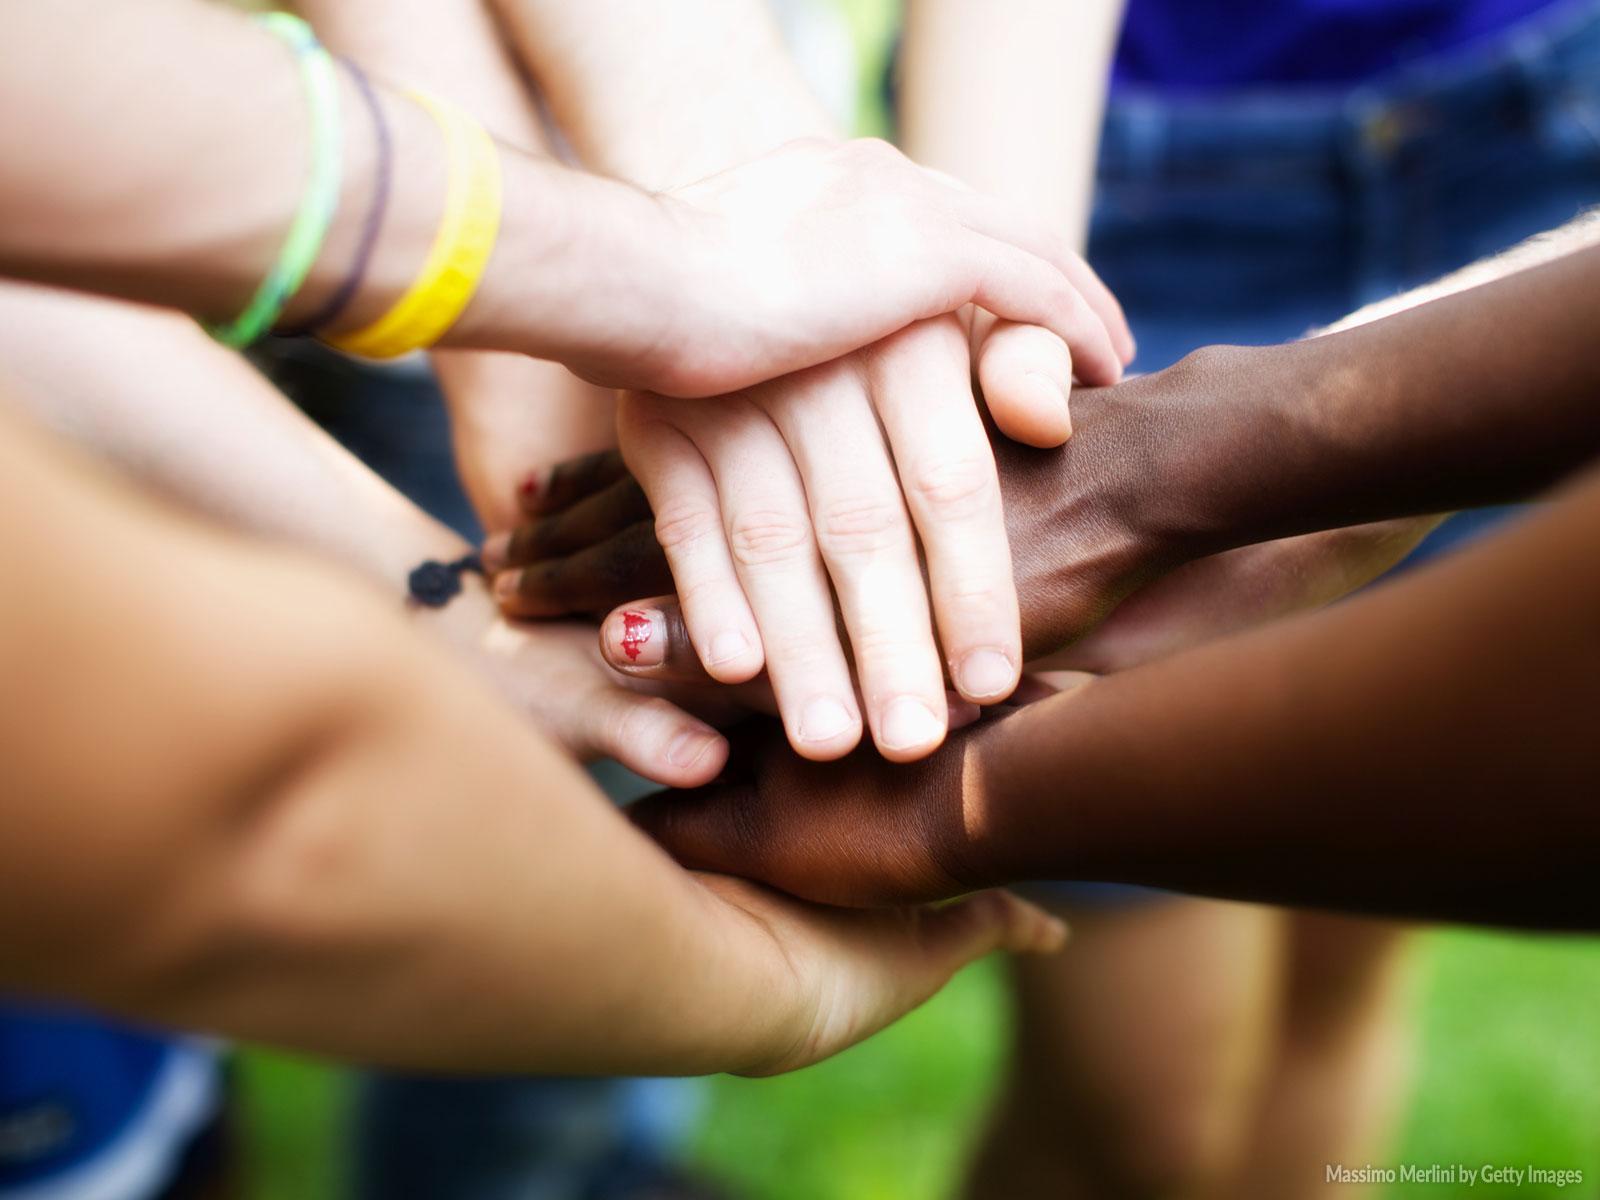 -Cuidar-da-cultura-é-essencial-para-que-transformações-sociais-aconteçam